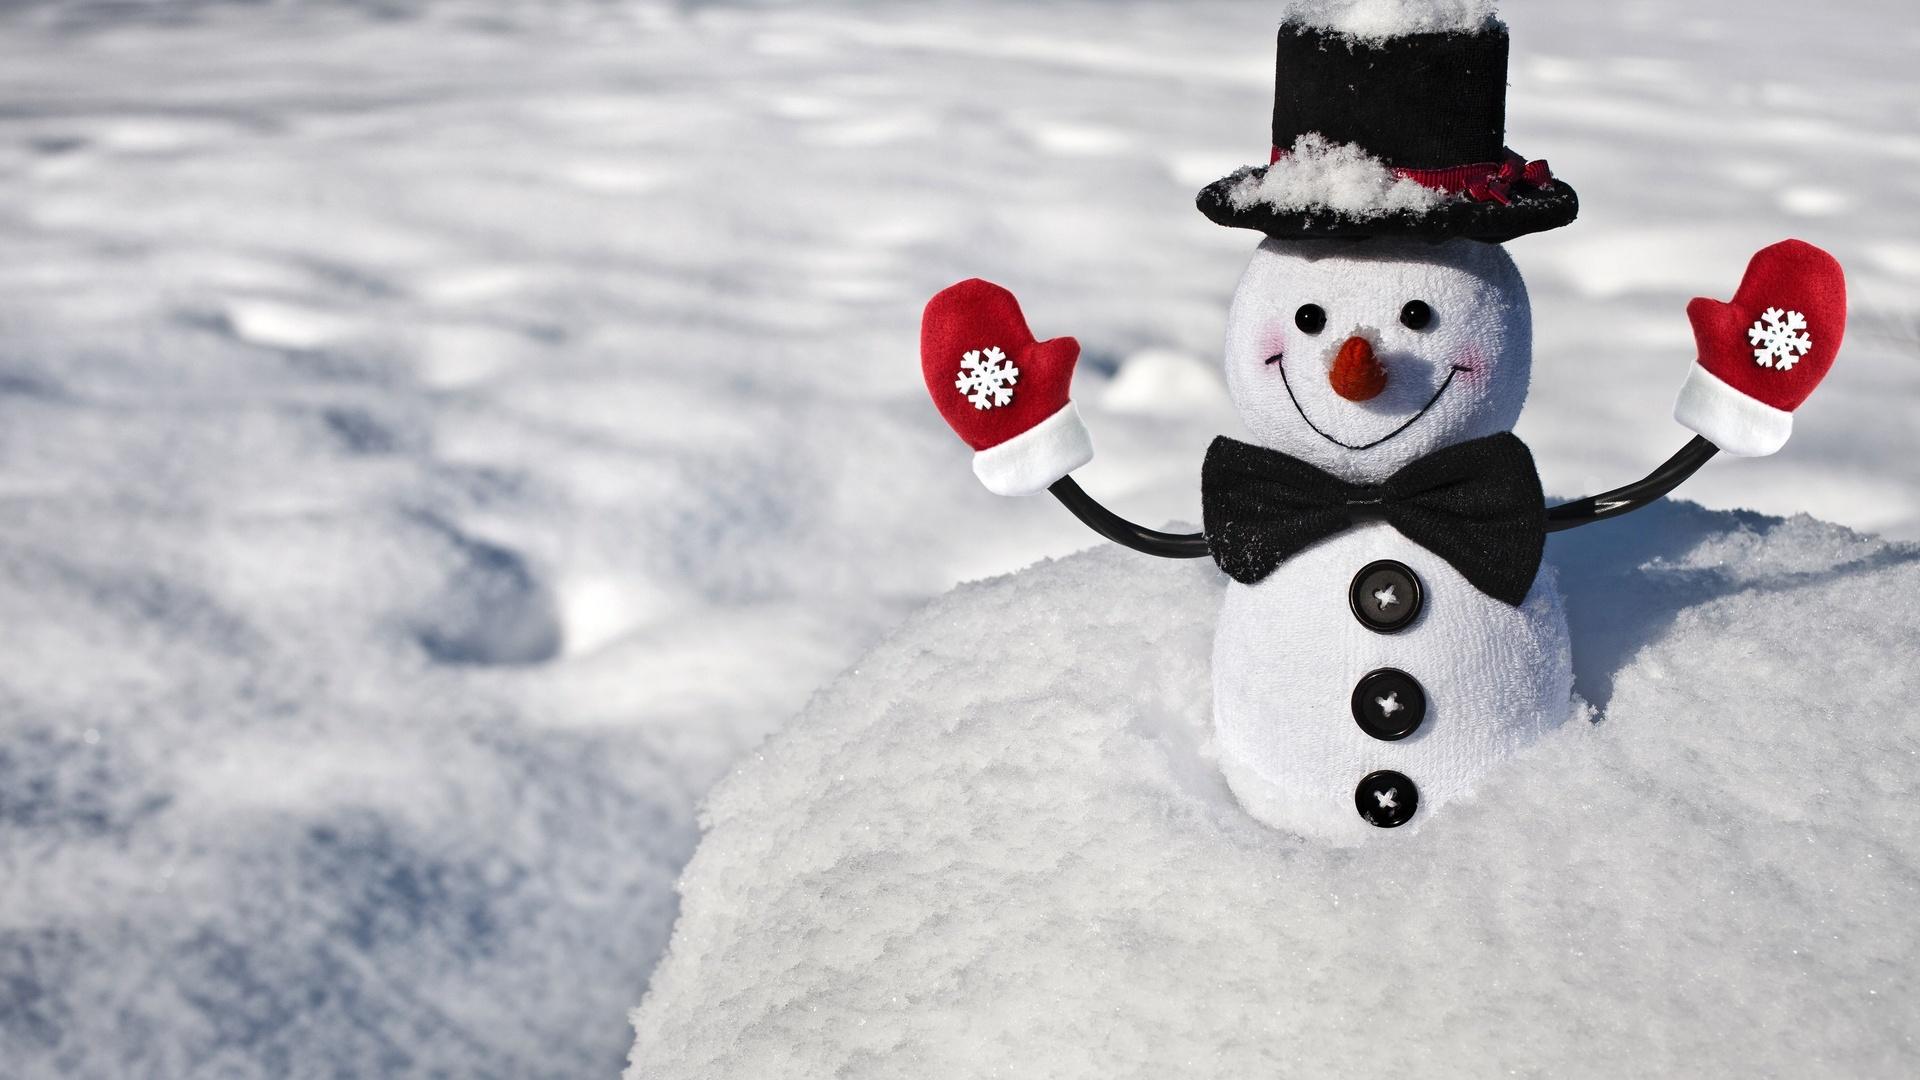 Поздравления днем, картинки смешной снеговик